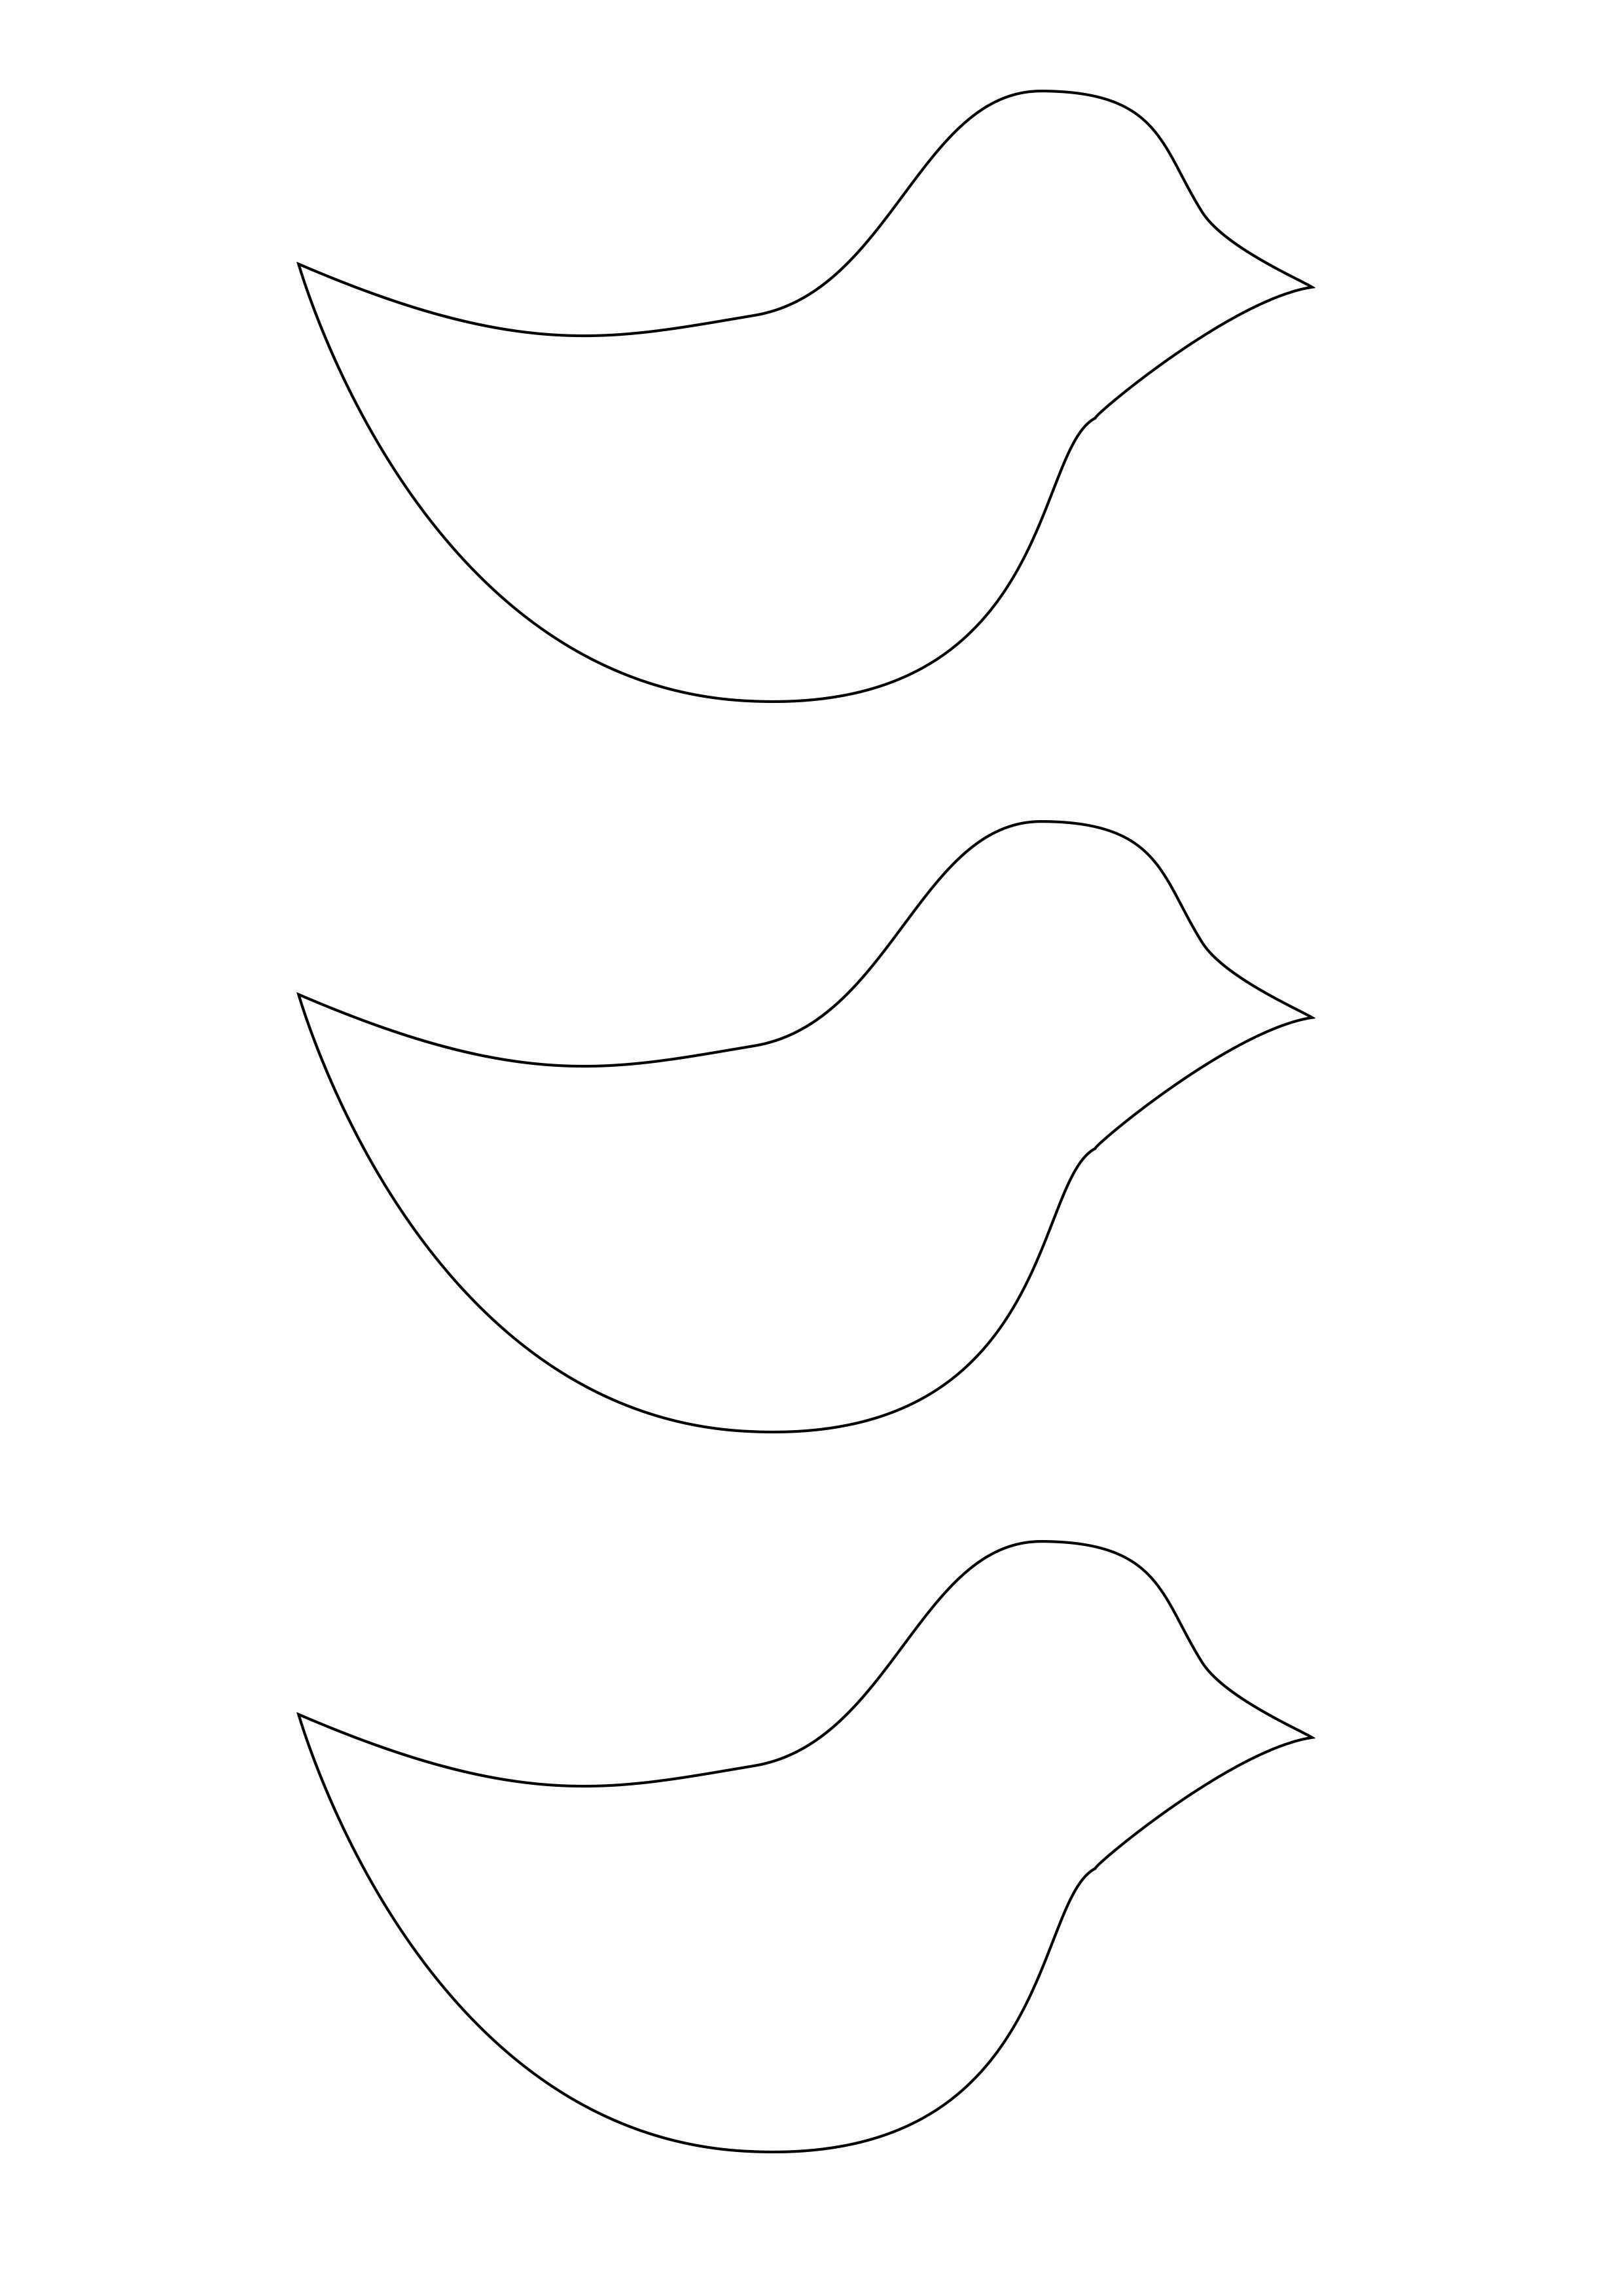 Vogel Basteln Aus Papier Einfache Anleitung Und Vorlage Fur Kinder Vogel Basteln Vogel Vorlage Papier Vogel